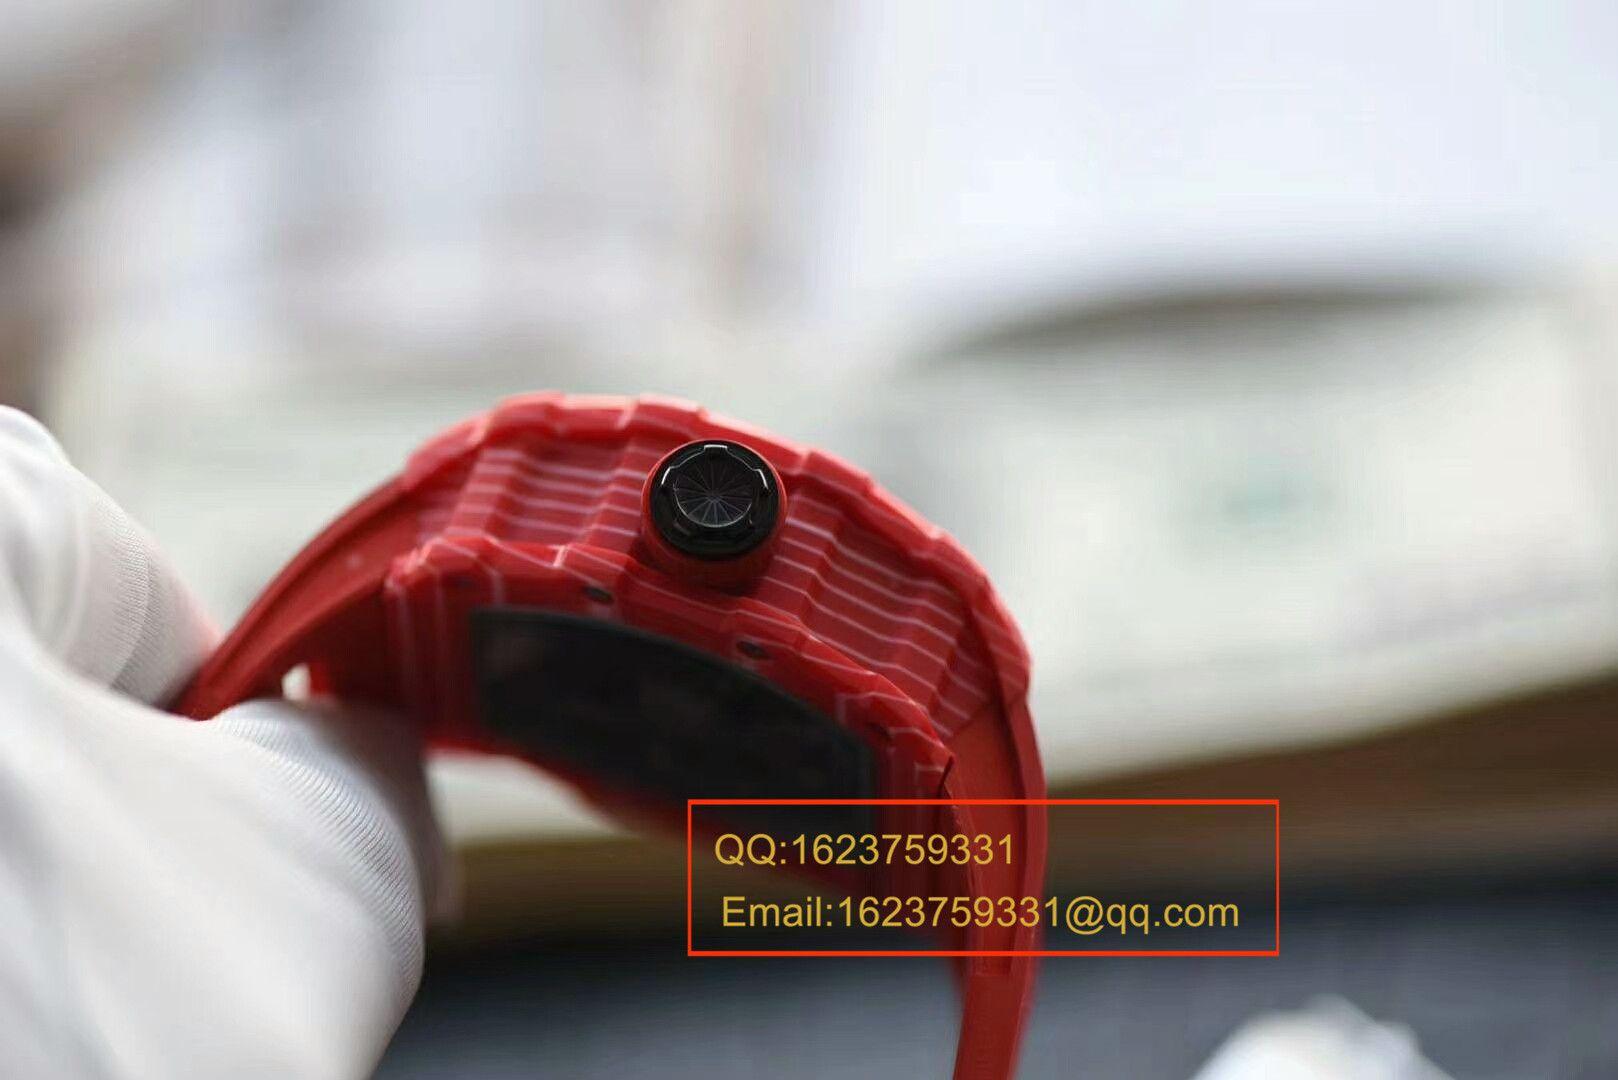 【视频评测KV厂一比一超A高仿手表】RICHARD MILLE理查德.米勒男士系列红蜘蛛~RM035-02 / RMBF35-02